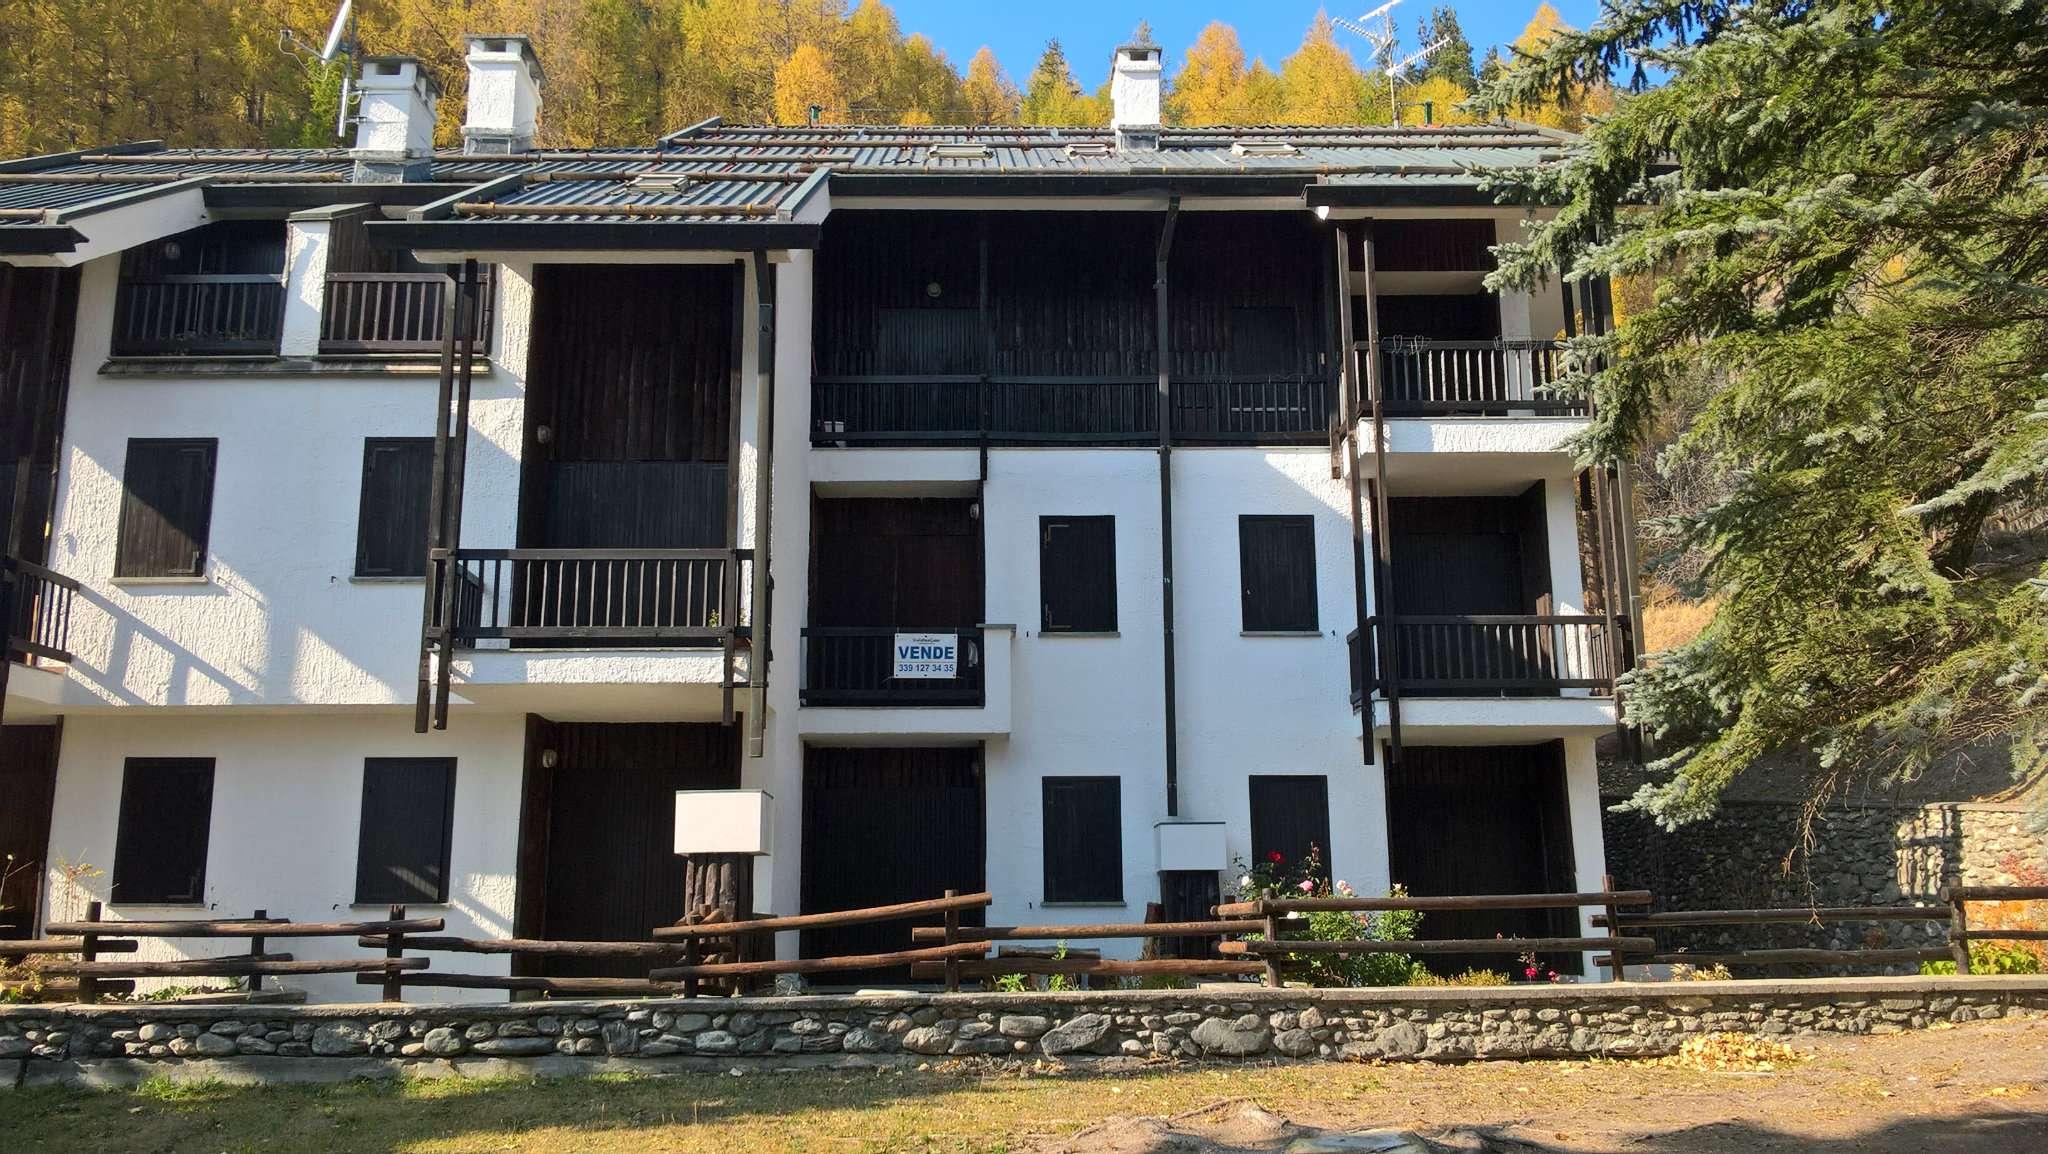 Appartamento in vendita a Cesana Torinese, 1 locali, prezzo € 75.000 | CambioCasa.it